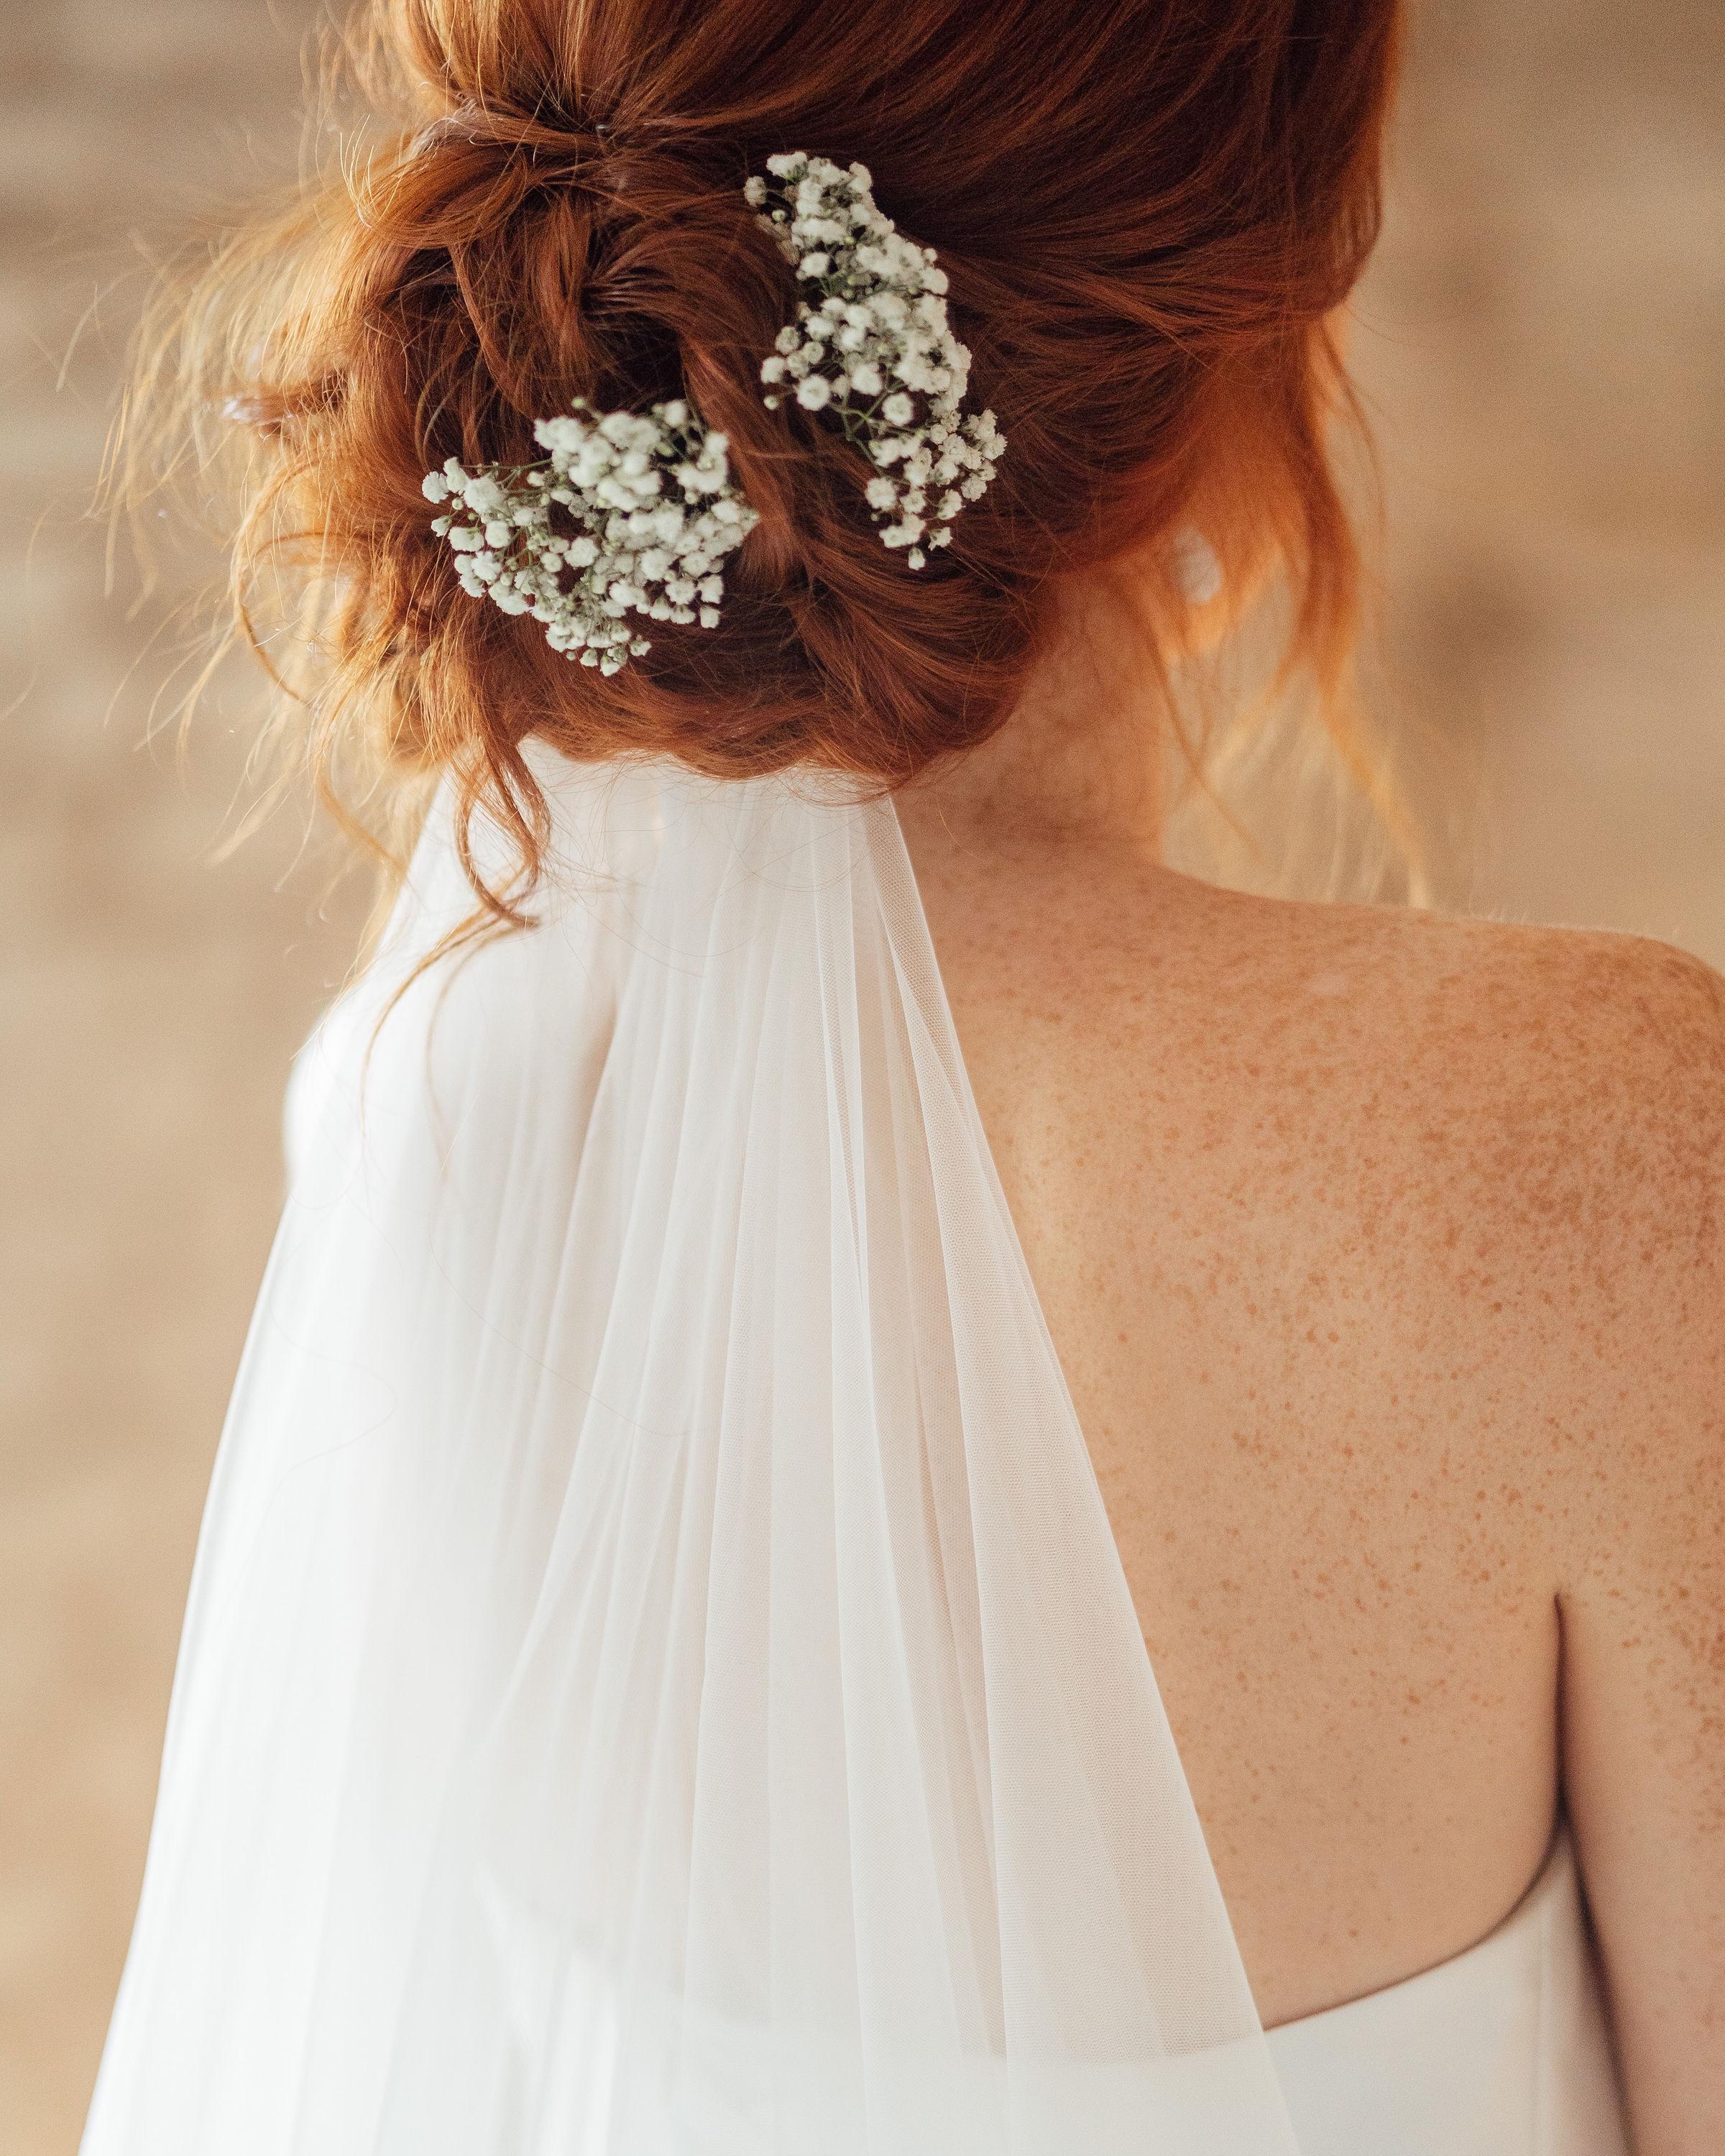 Le voile - Assorti à la dentelle de votre robe ou simple. Il est indispensable pour le côté romantique et innoubliable de votre entrée :-) Prix des voiles: à partir de 50€